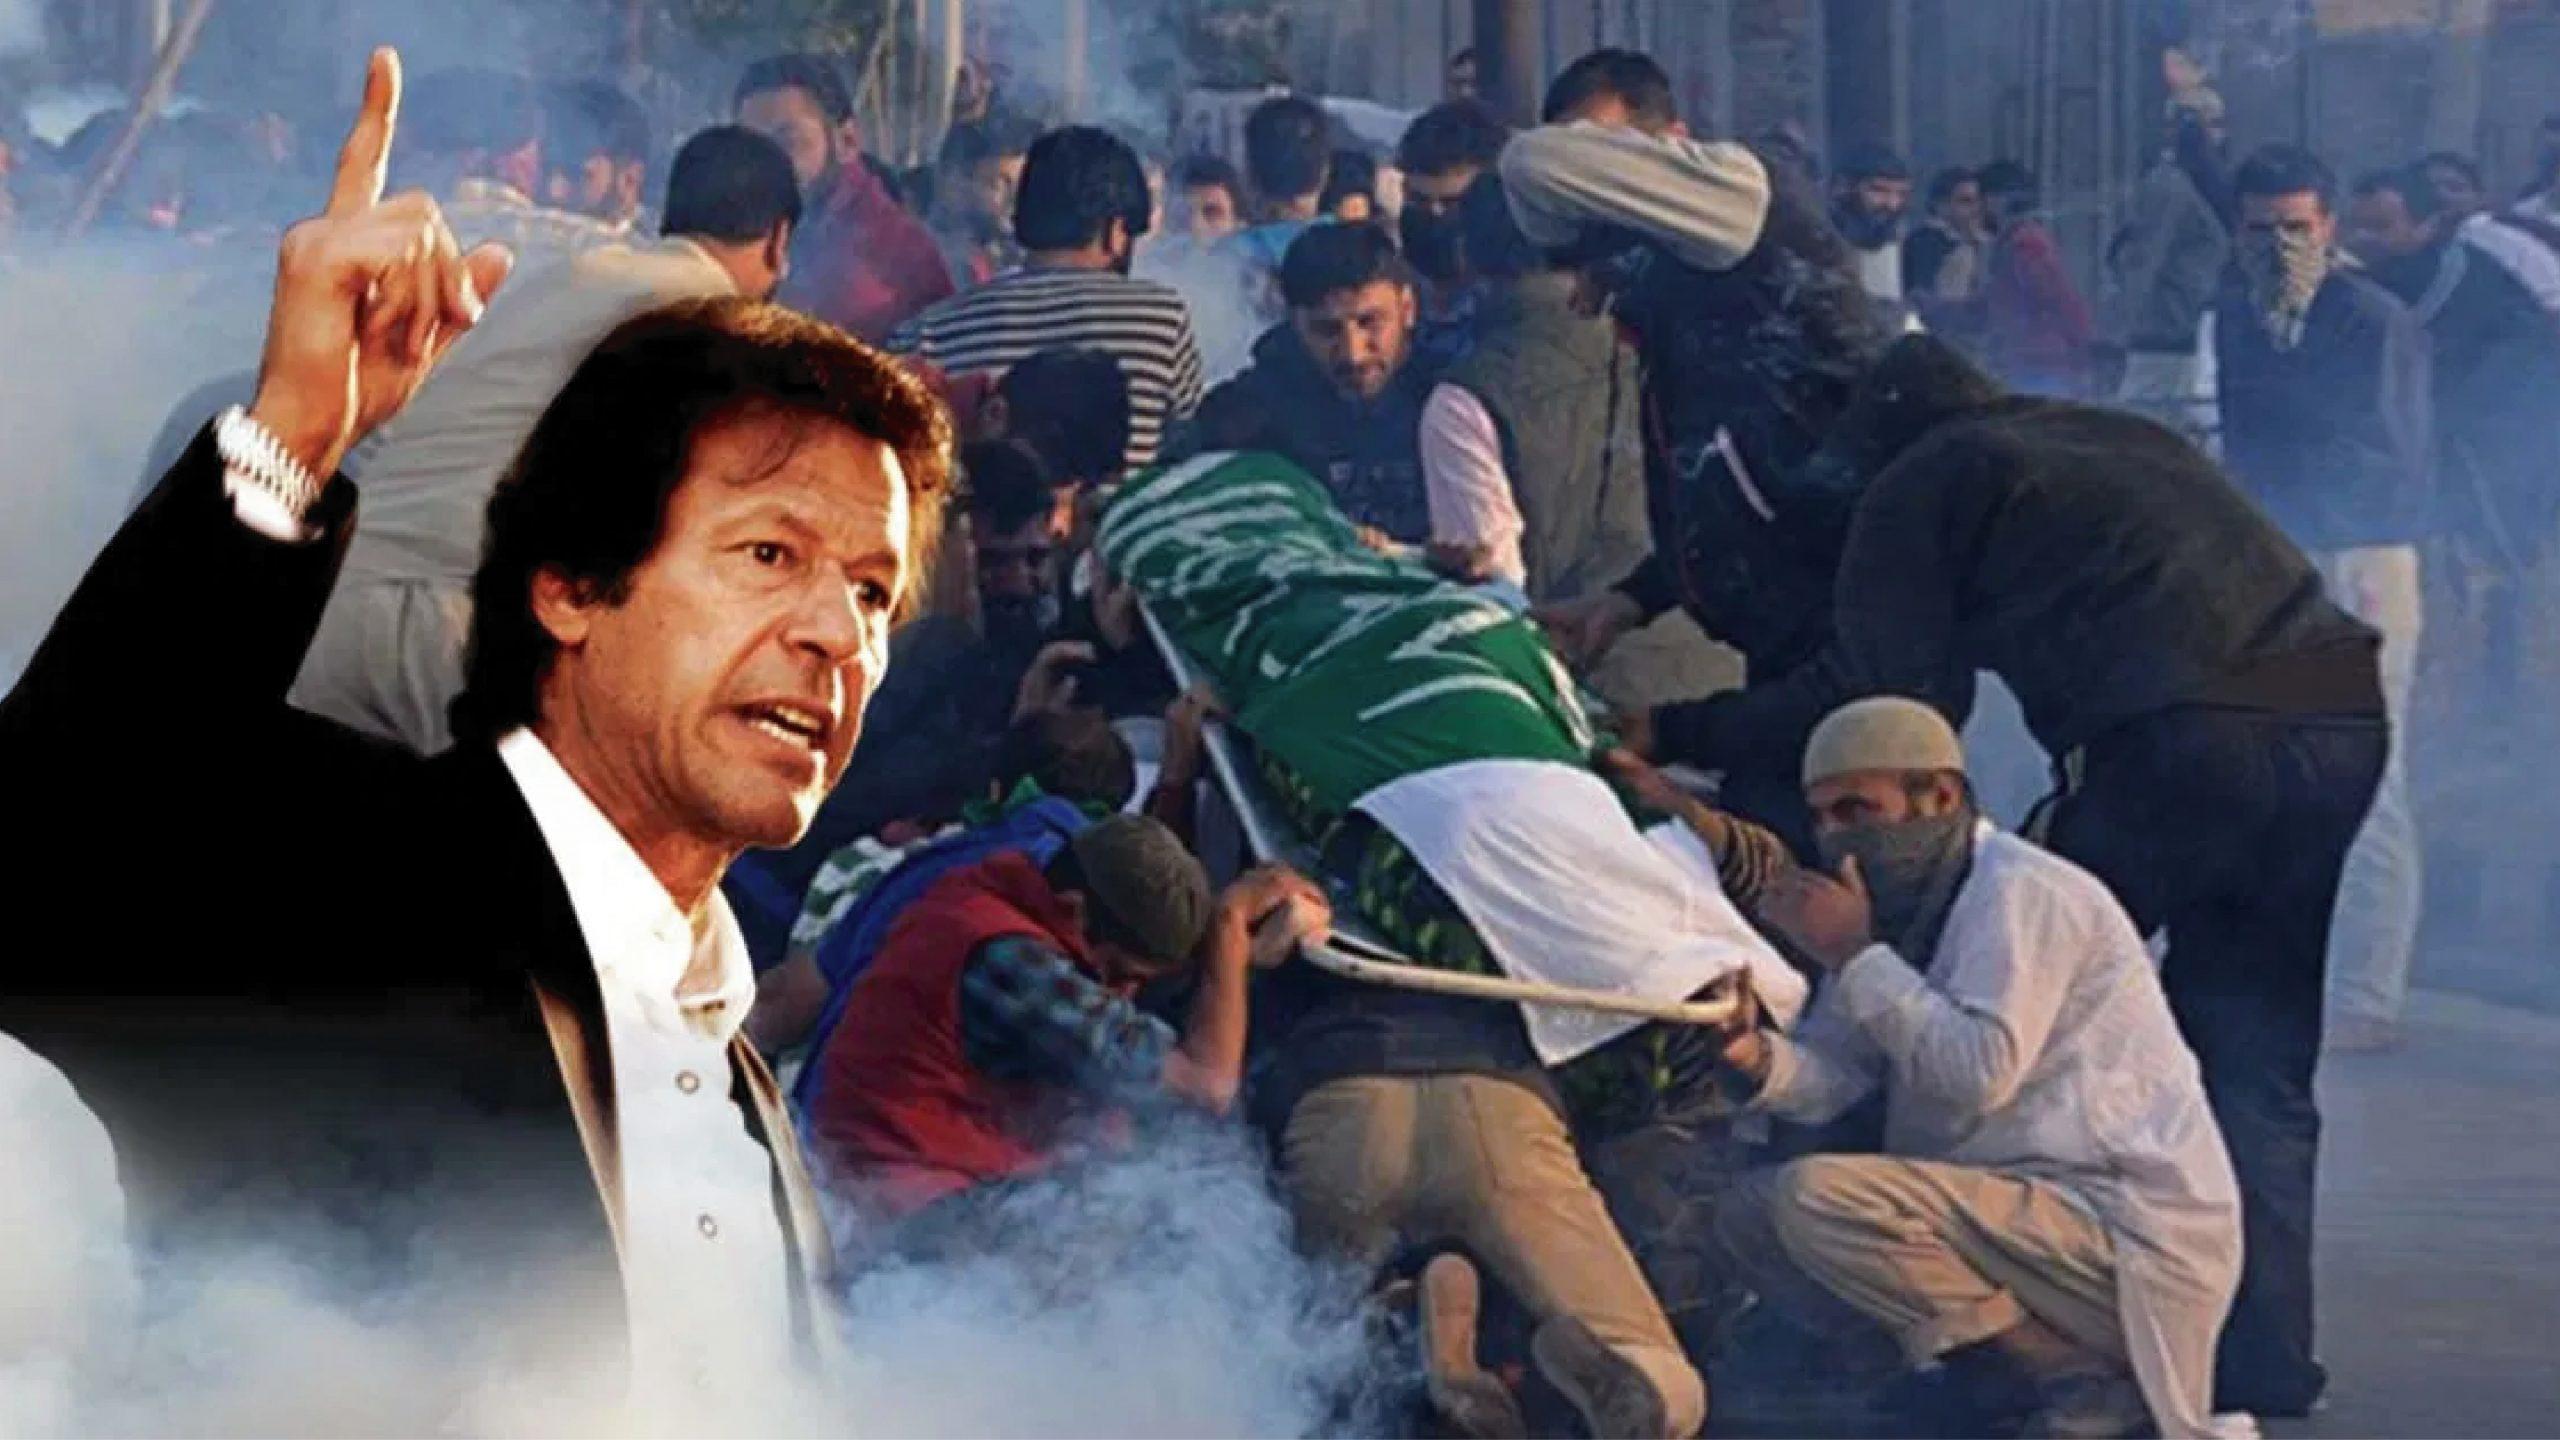 imran-khan-says-pakistan-stands-with-kashmiris